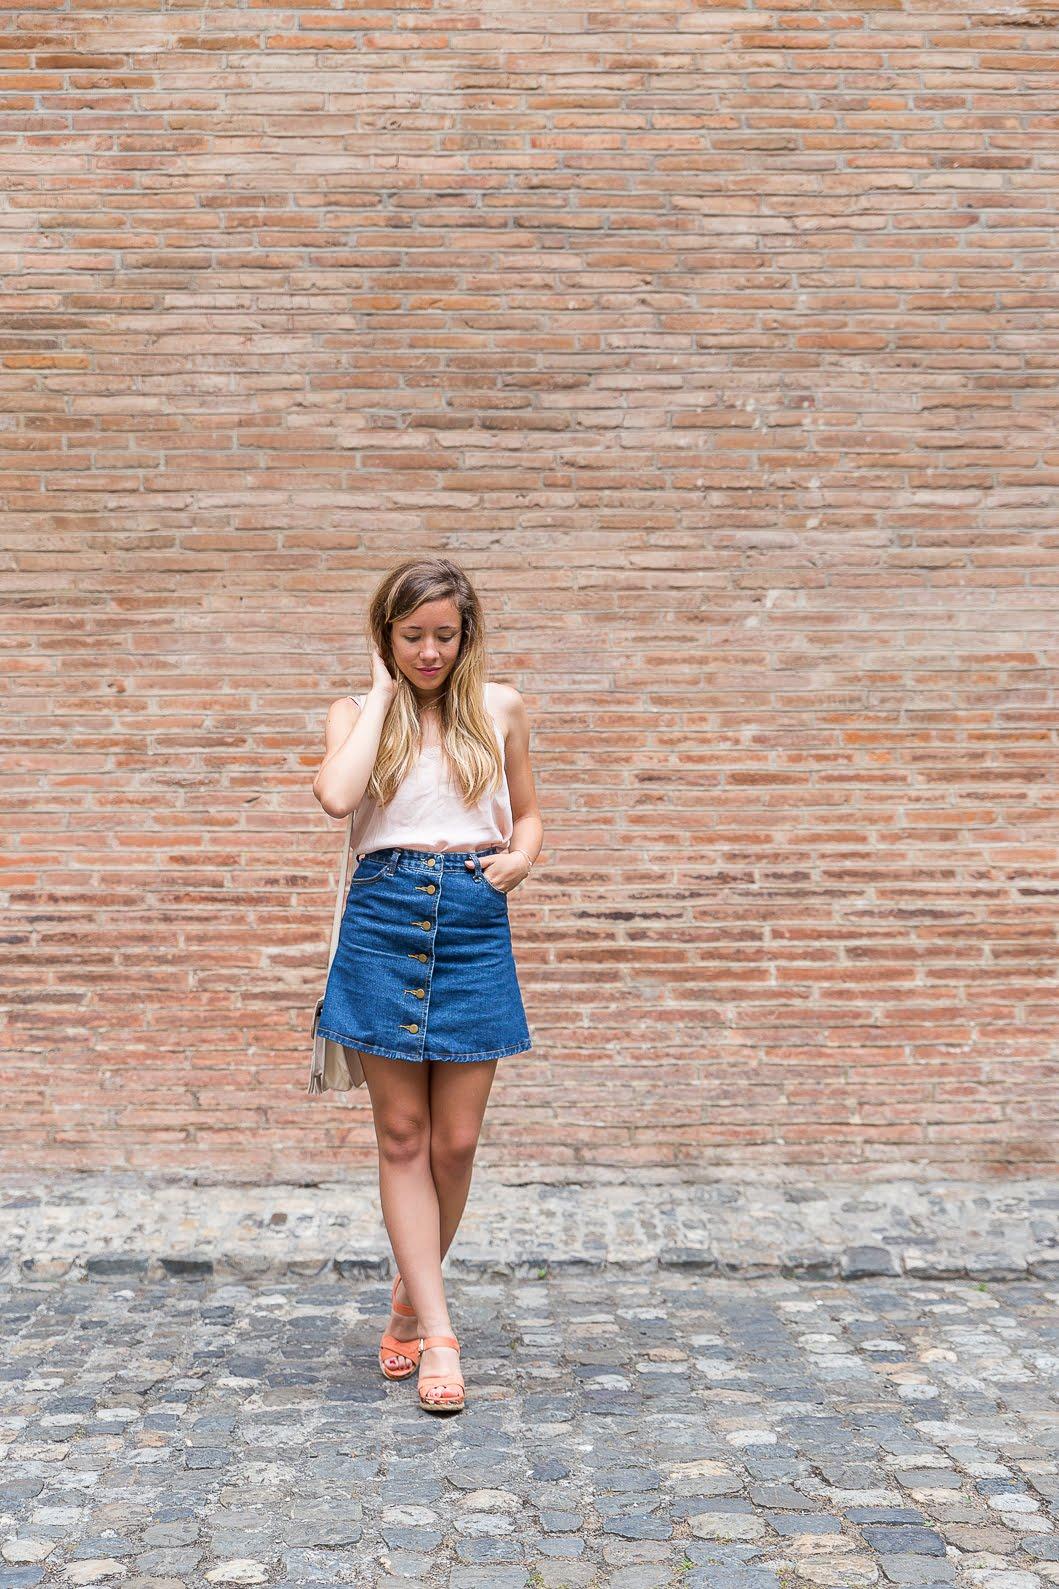 blog mode mur briques shooting